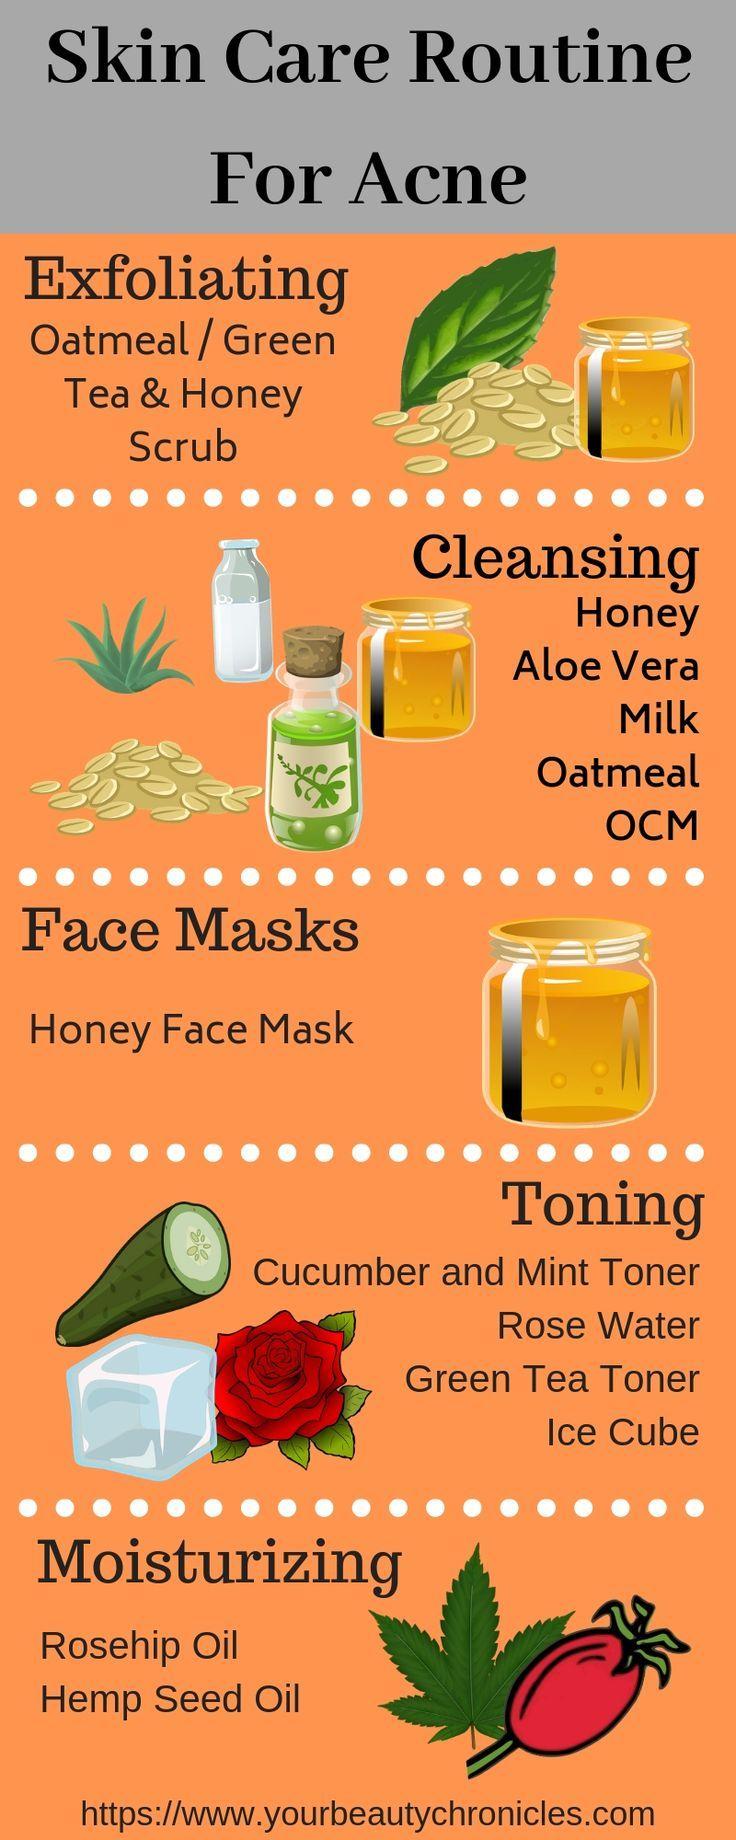 Die All Natural Skin Care Routine für A…